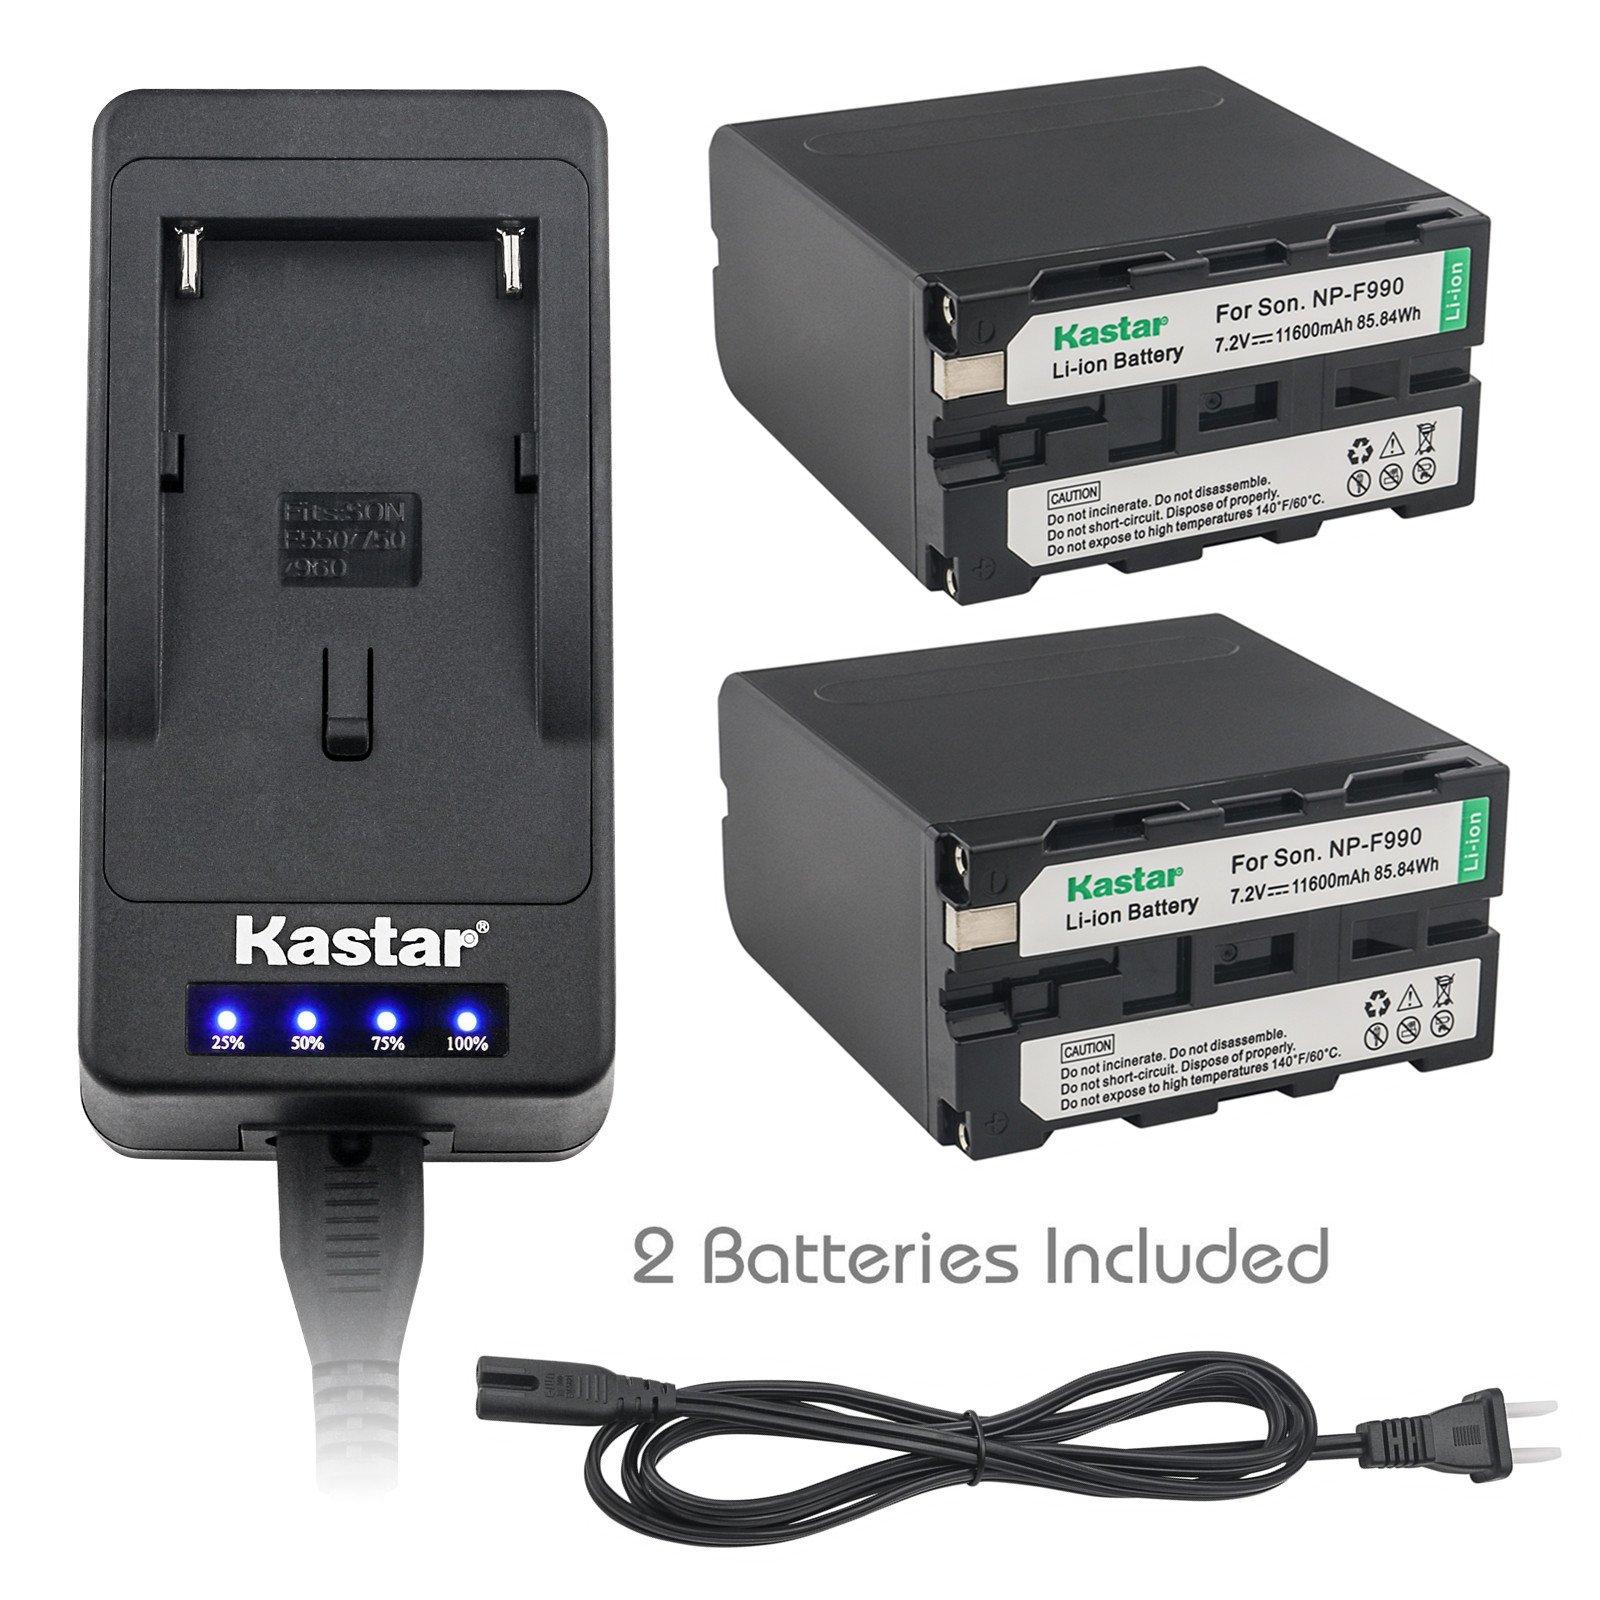 Kastar LED Super Fast Charger & Camcorder Battery X2 for Sony NP-F990 NP-F975 NP-F970 NP-F960 NP-F950 NP-F930 NP-F770 NP-F750 NP-F730 NP-F570 NP-F550 NP-F530 NP-F330 Battery and LED Video Light by Kastar